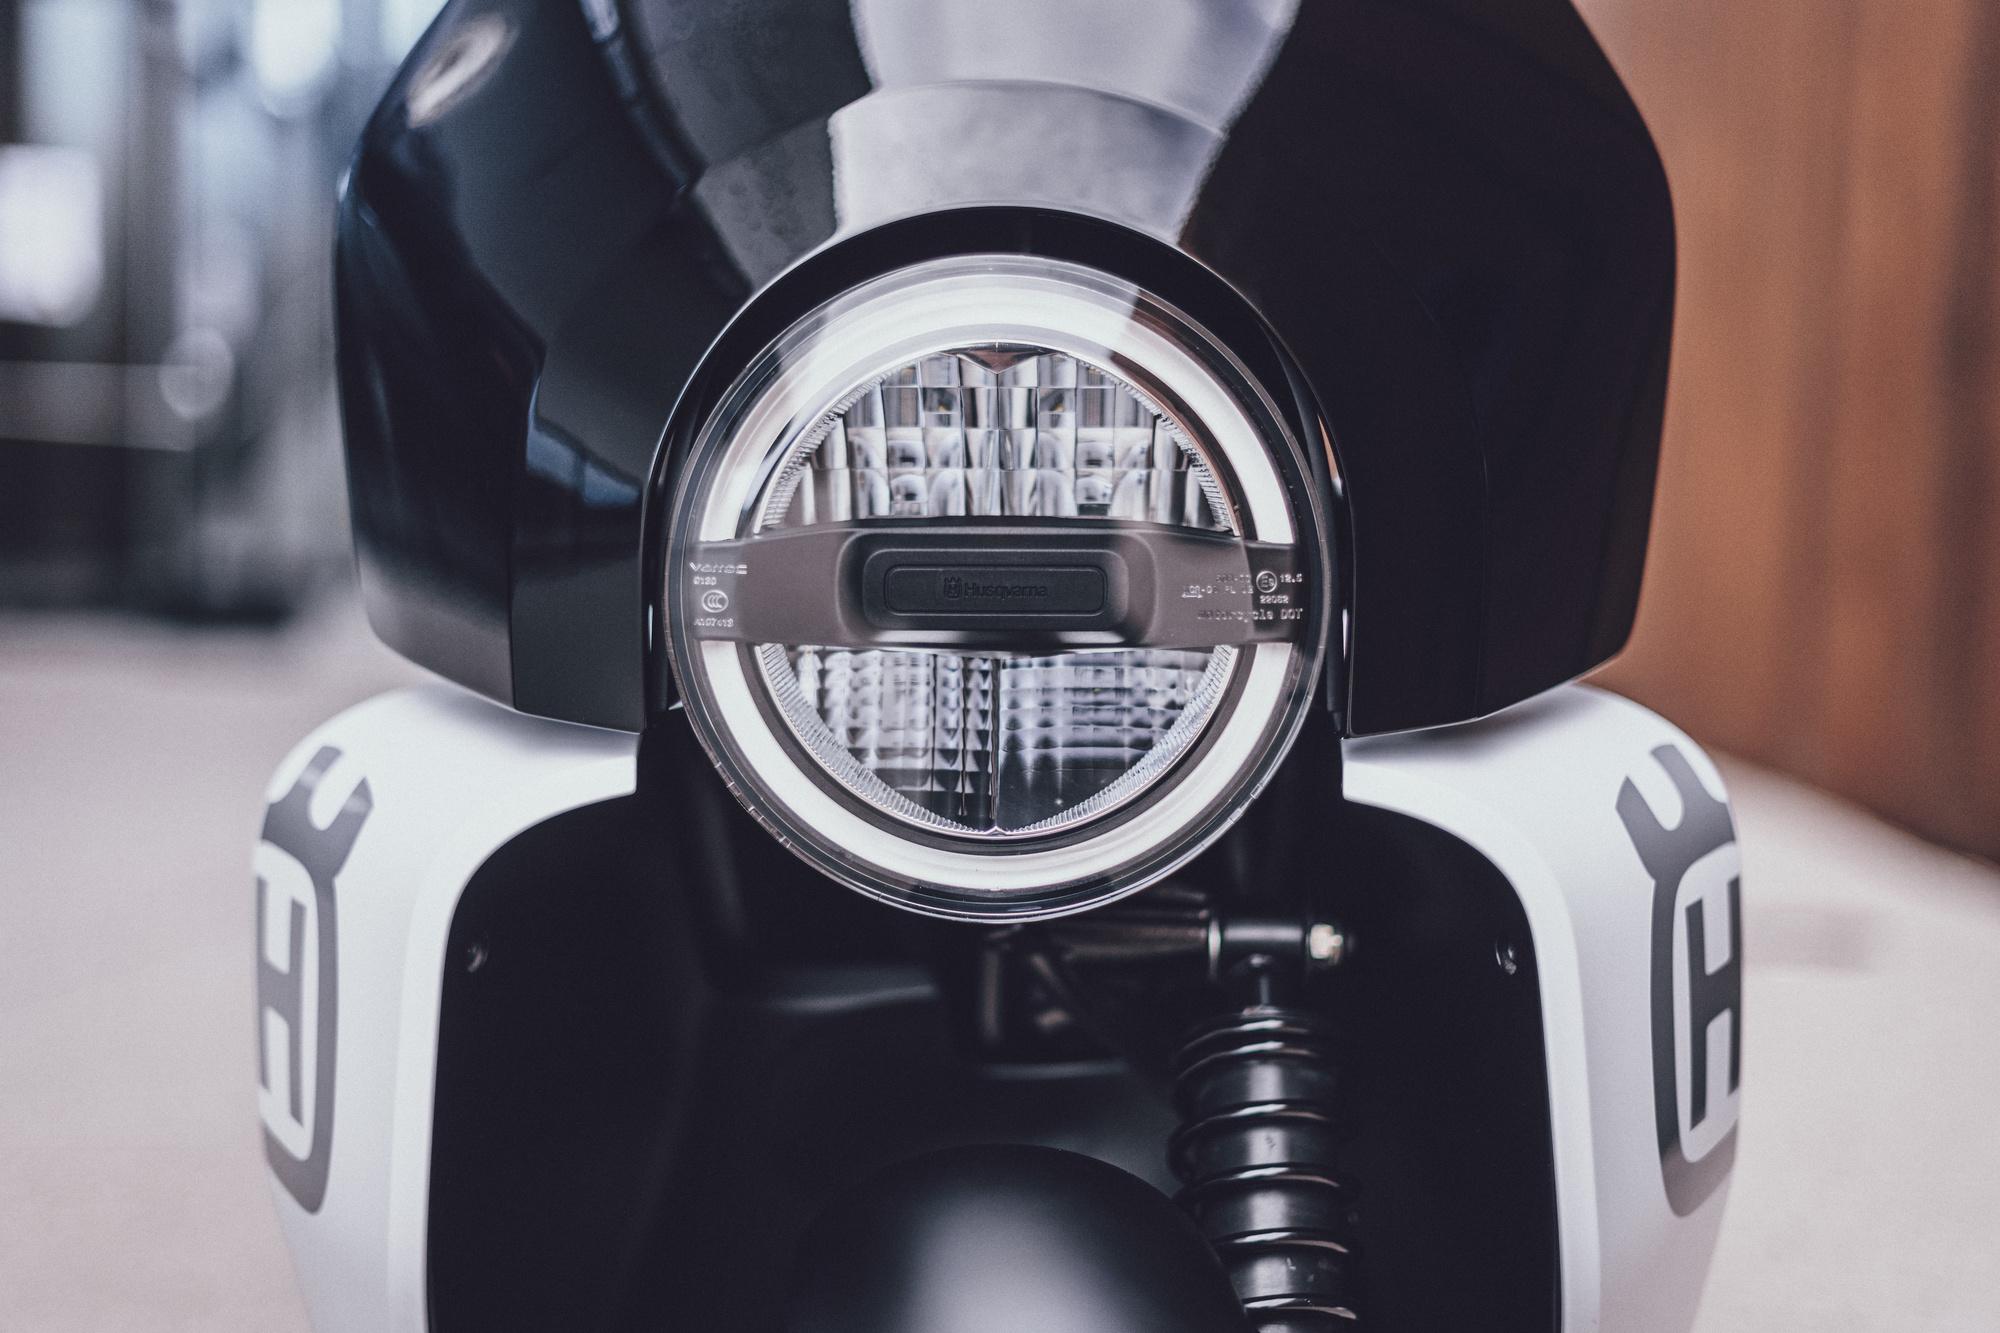 """Phare à diodes, écopes latérales qui élargissent le scooter, le design rappelle celui des """"grosses"""" motos de la marque., GF"""